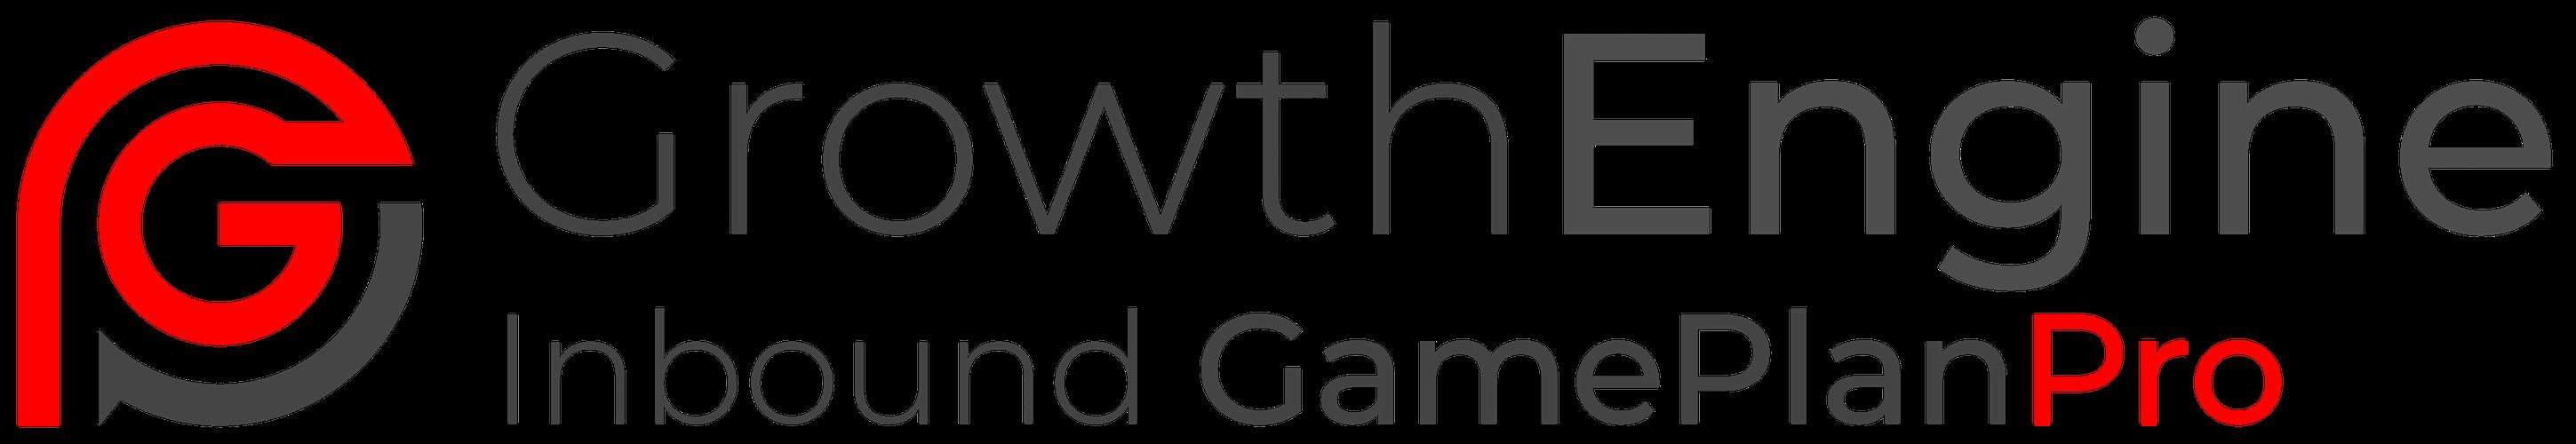 GrowthEngine - Inbound GamePlan Pro